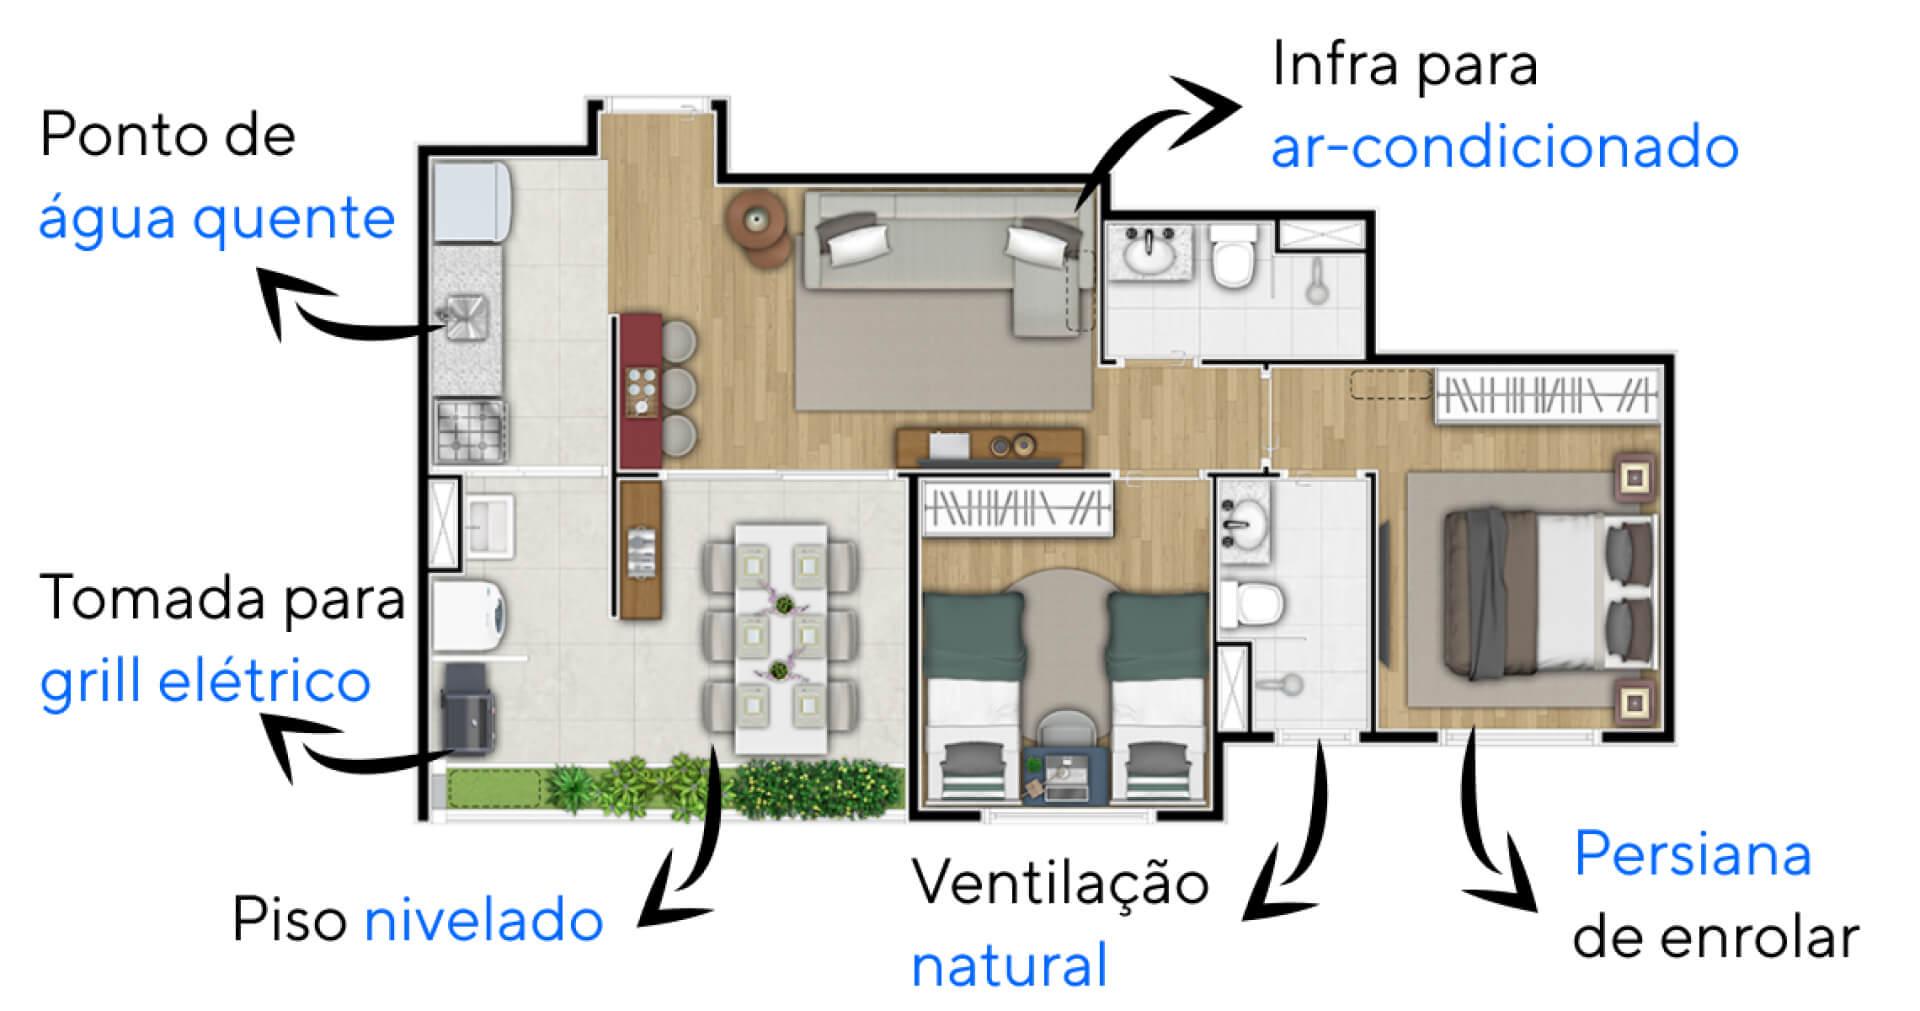 58 M² - 2 DORMITÓRIOS, SENDO 1 SUÍTE. Apartamentos no Jardim Prudência com planta flexível que permite a remoção da parede que separa o living da cozinha. Conta com infra para ar-condicionado, persiana de enrolar, ponto de água quente na cozinha e mais.